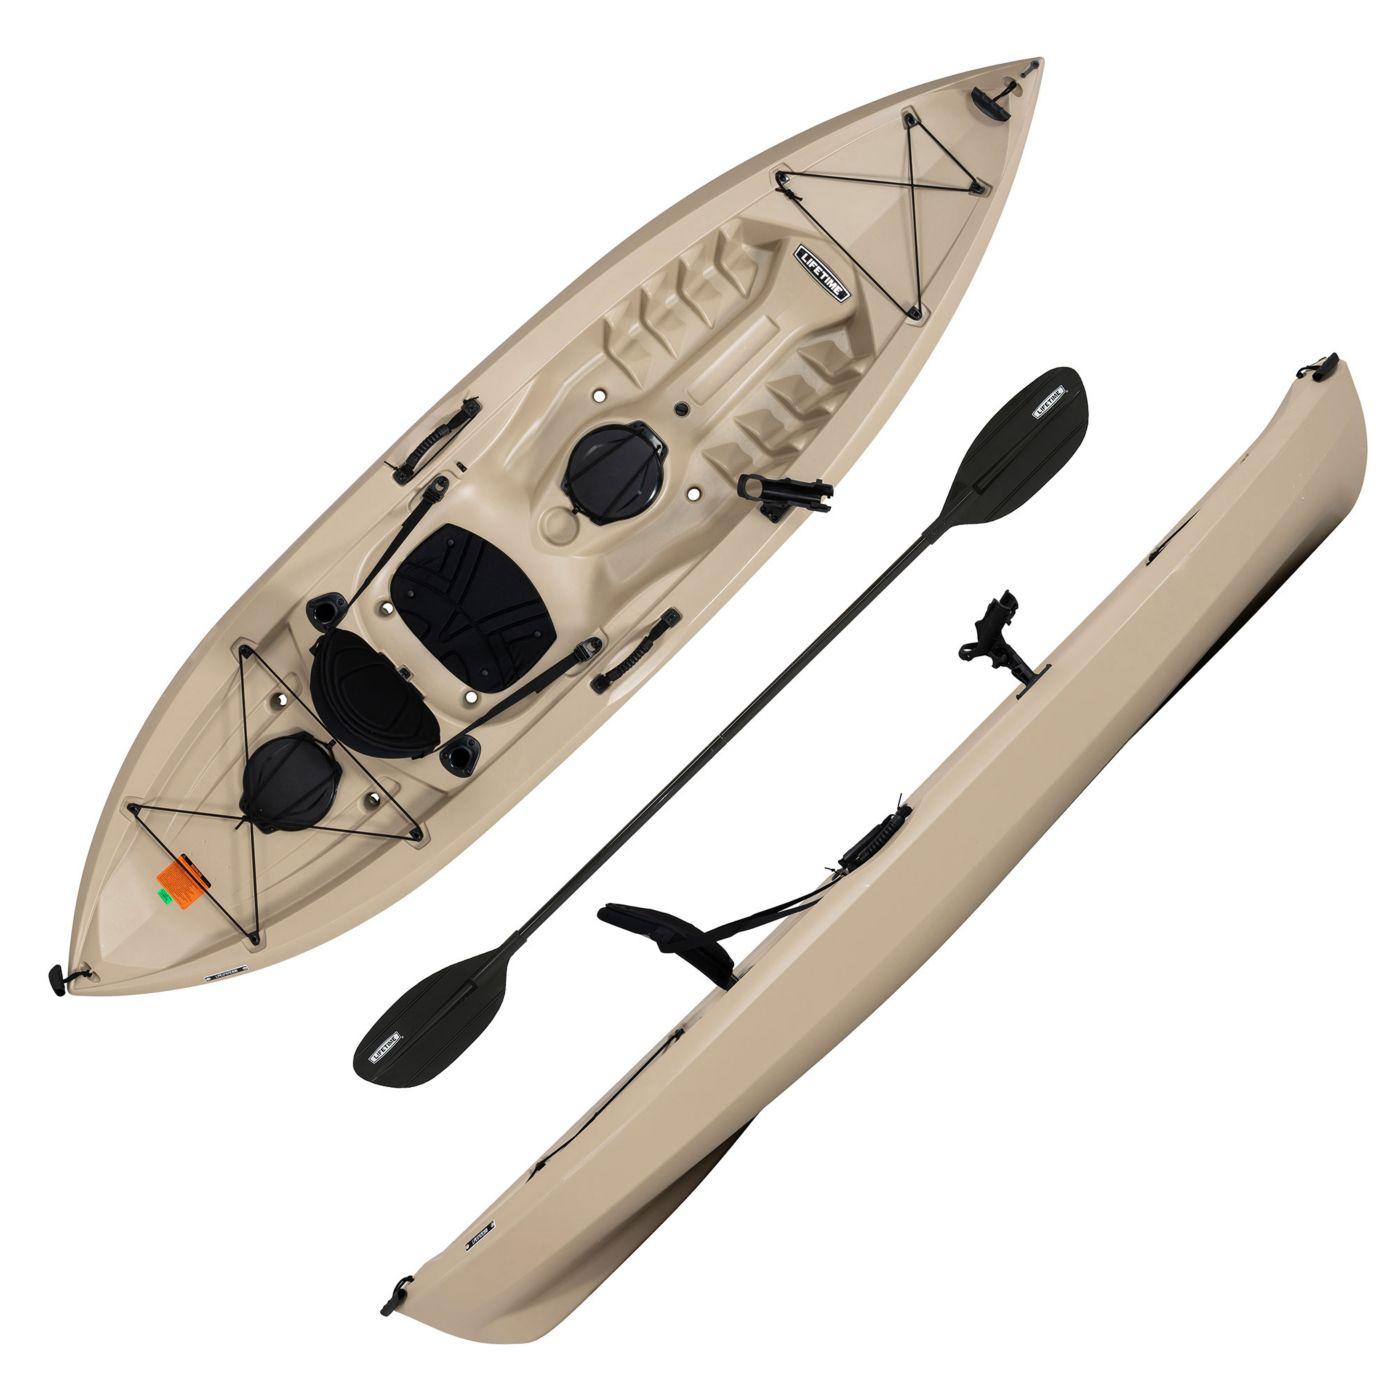 Lifetime Muskie 100 Angler Kayak with Paddle